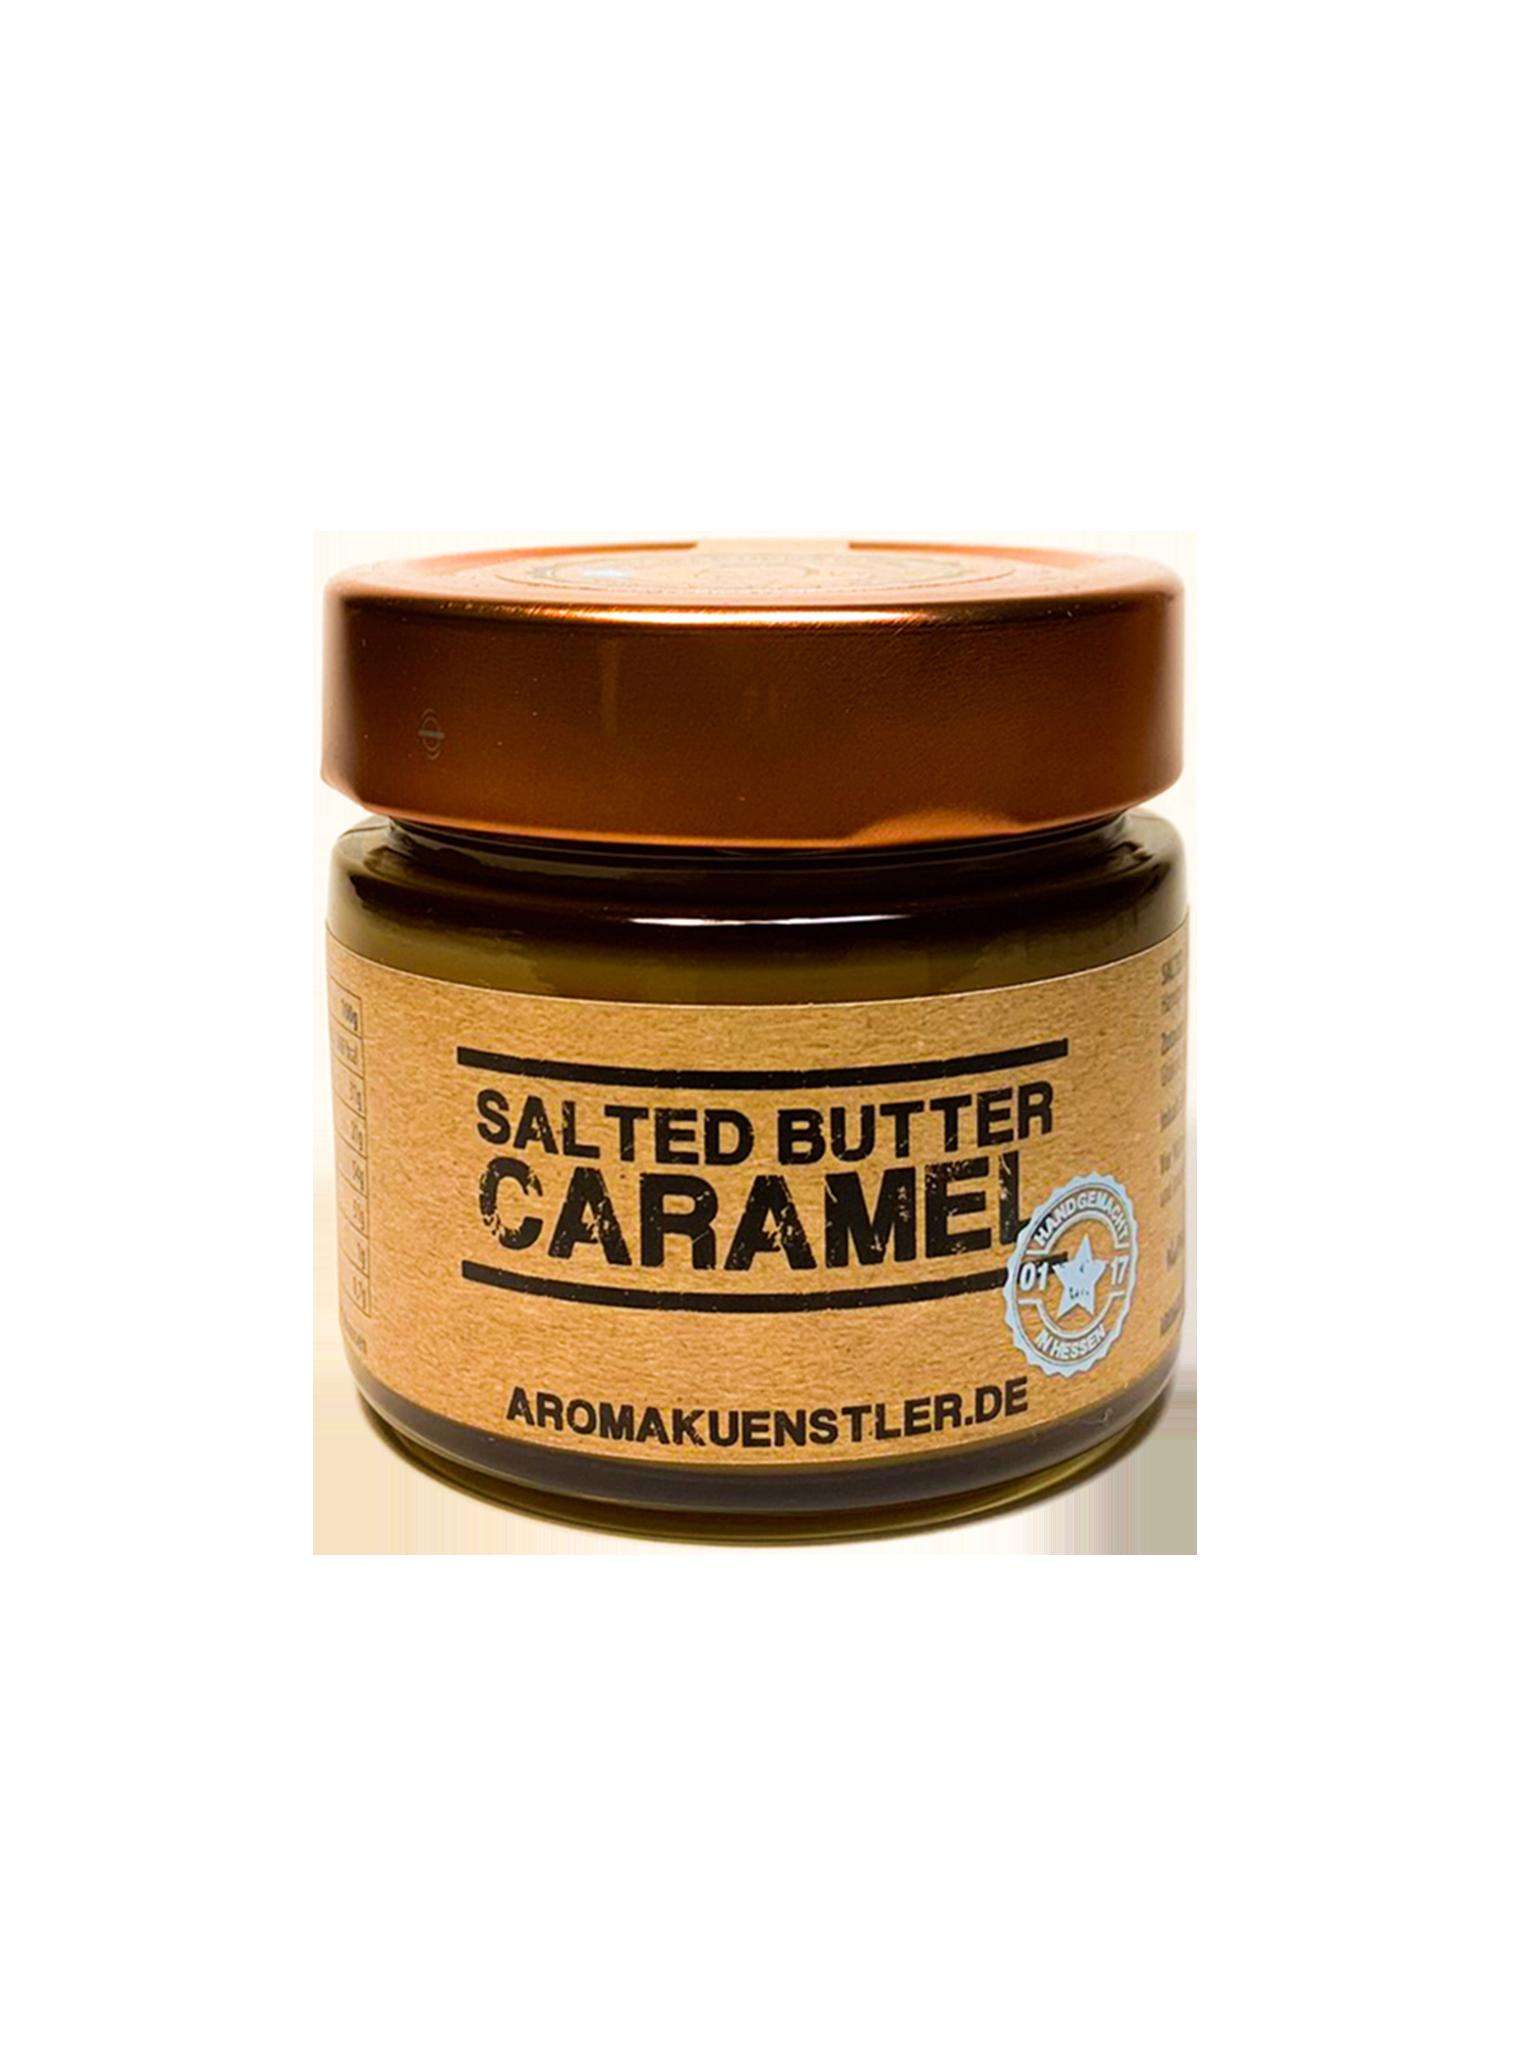 Aromakünstler Salted Butter Caramel